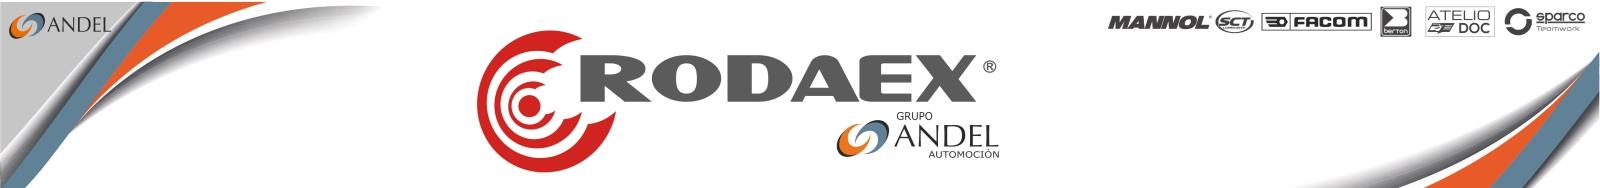 Rodaex - Suministros Industriales